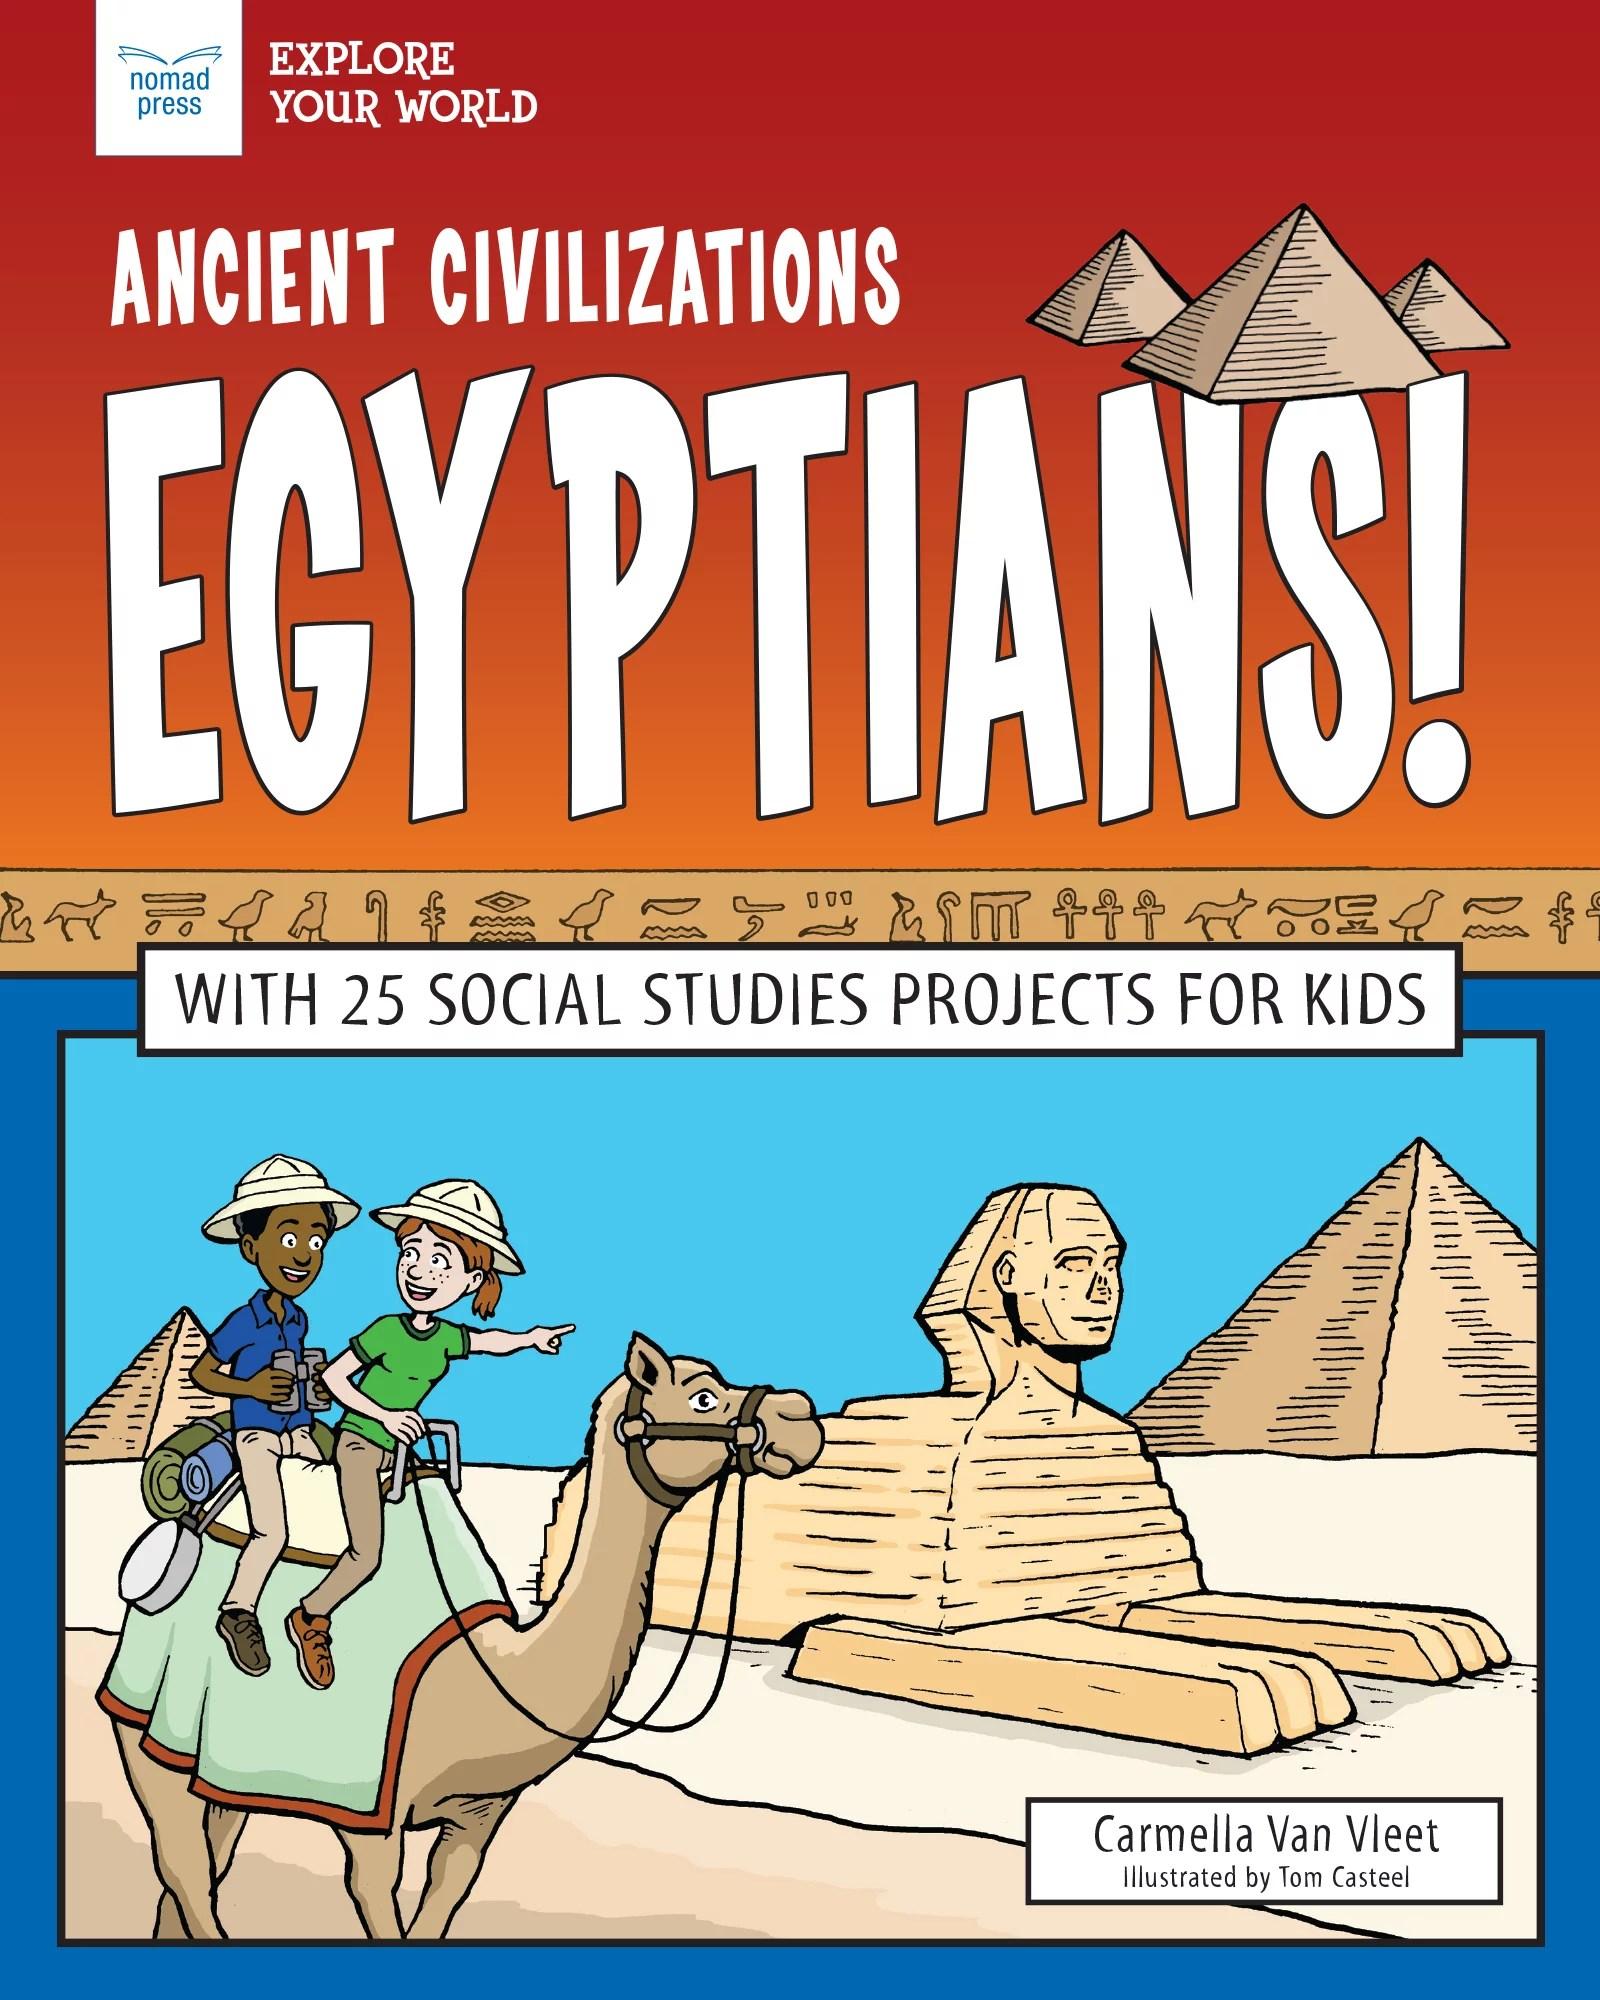 Explore Your World Ancient Civilizations Egyptians